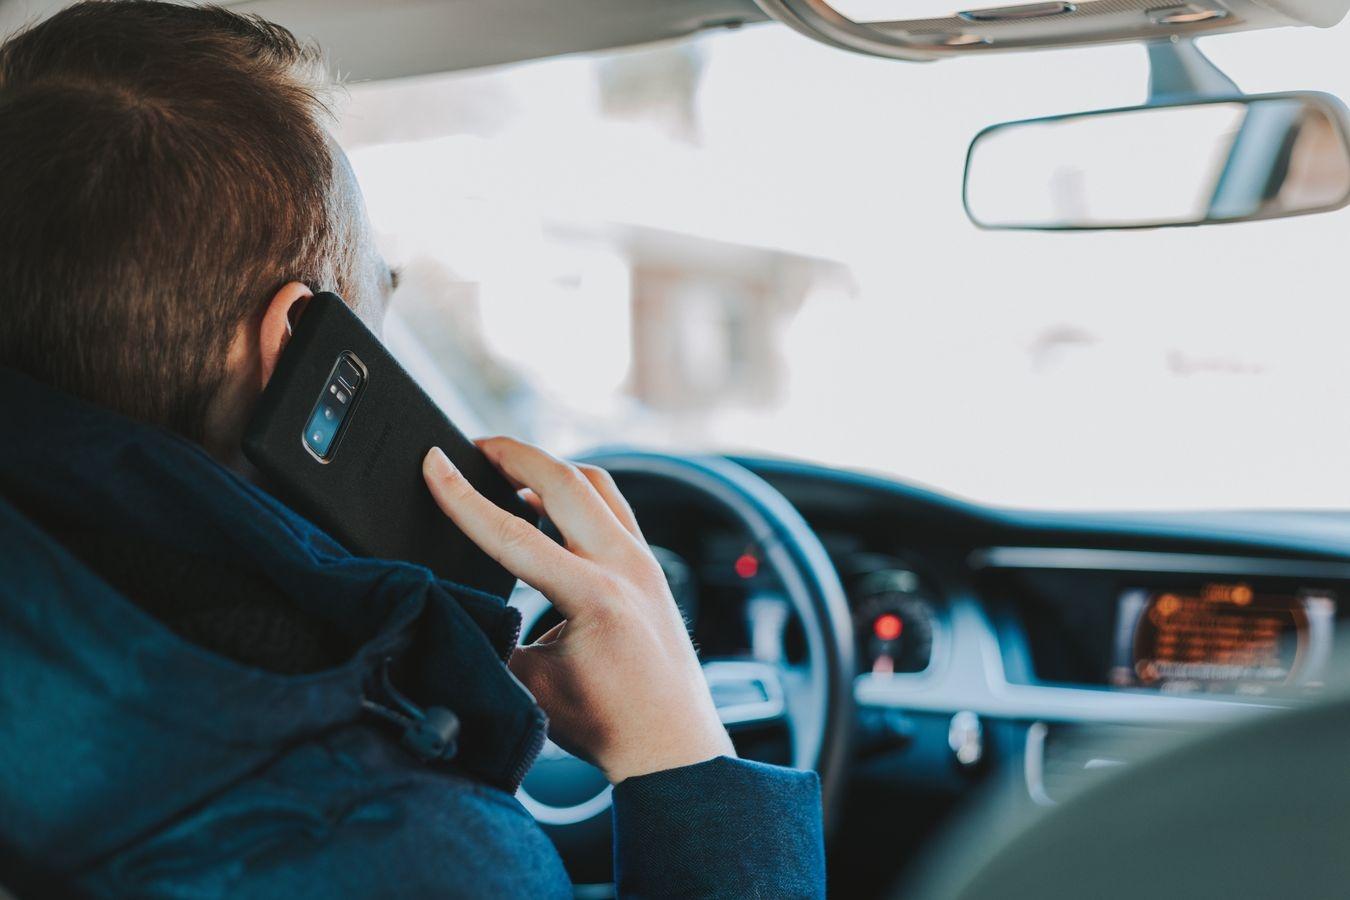 Laisvų rankų įranga, bauda, ar teisės vairuoti atėmimas?